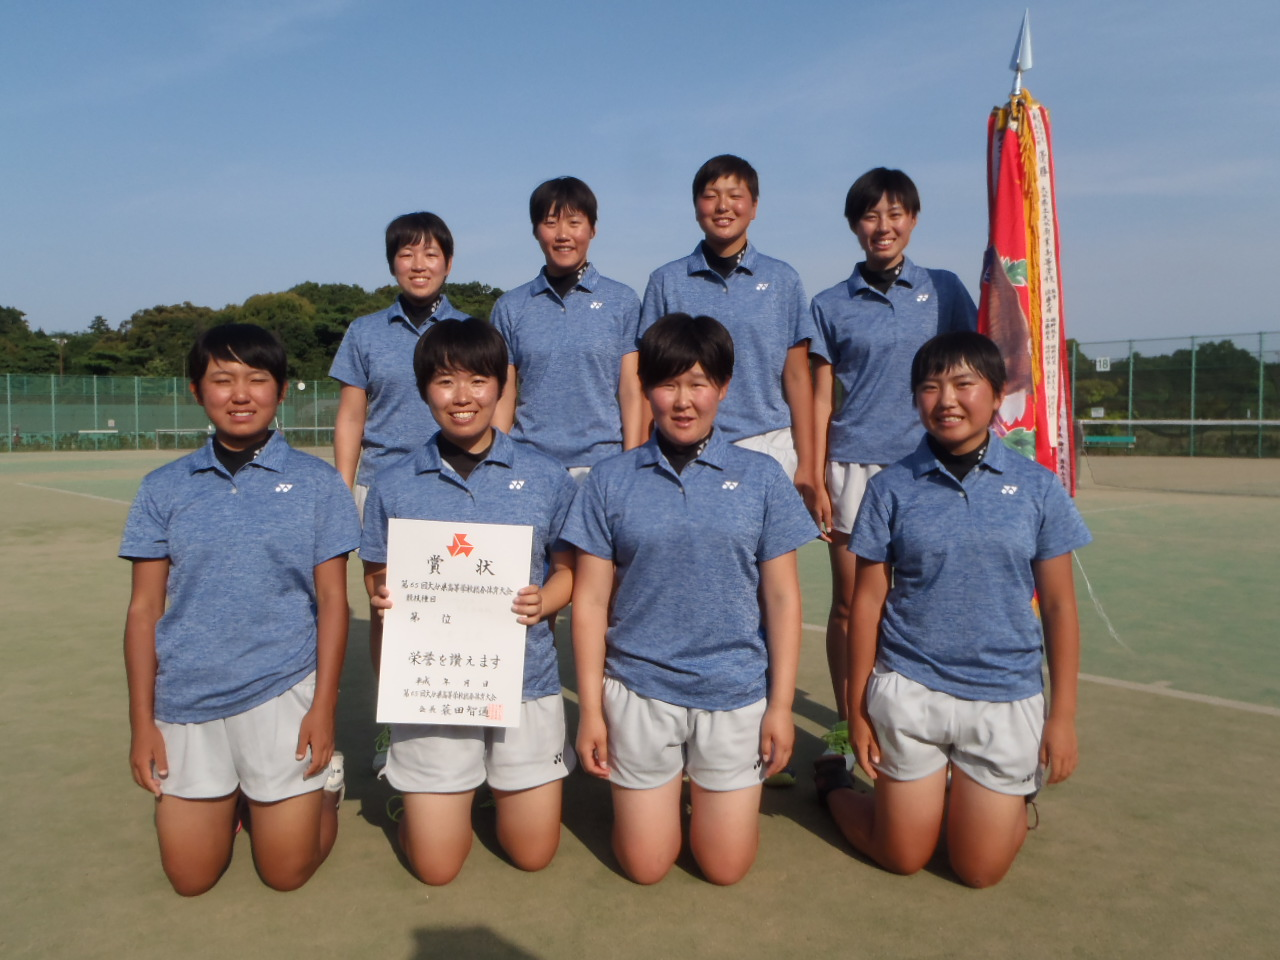 画像2: 大分県ではだいぎんテニスコートにて、6月3日にインターハイ団体県予選が行われた。トーナメント戦の結果、男子・大分商が3年連続14回目、女子・明豊は2年ぶり29回目のインターハイ出場を決めた。 【男子団体】 1 大分商 [...] www.softtennis-mag.com